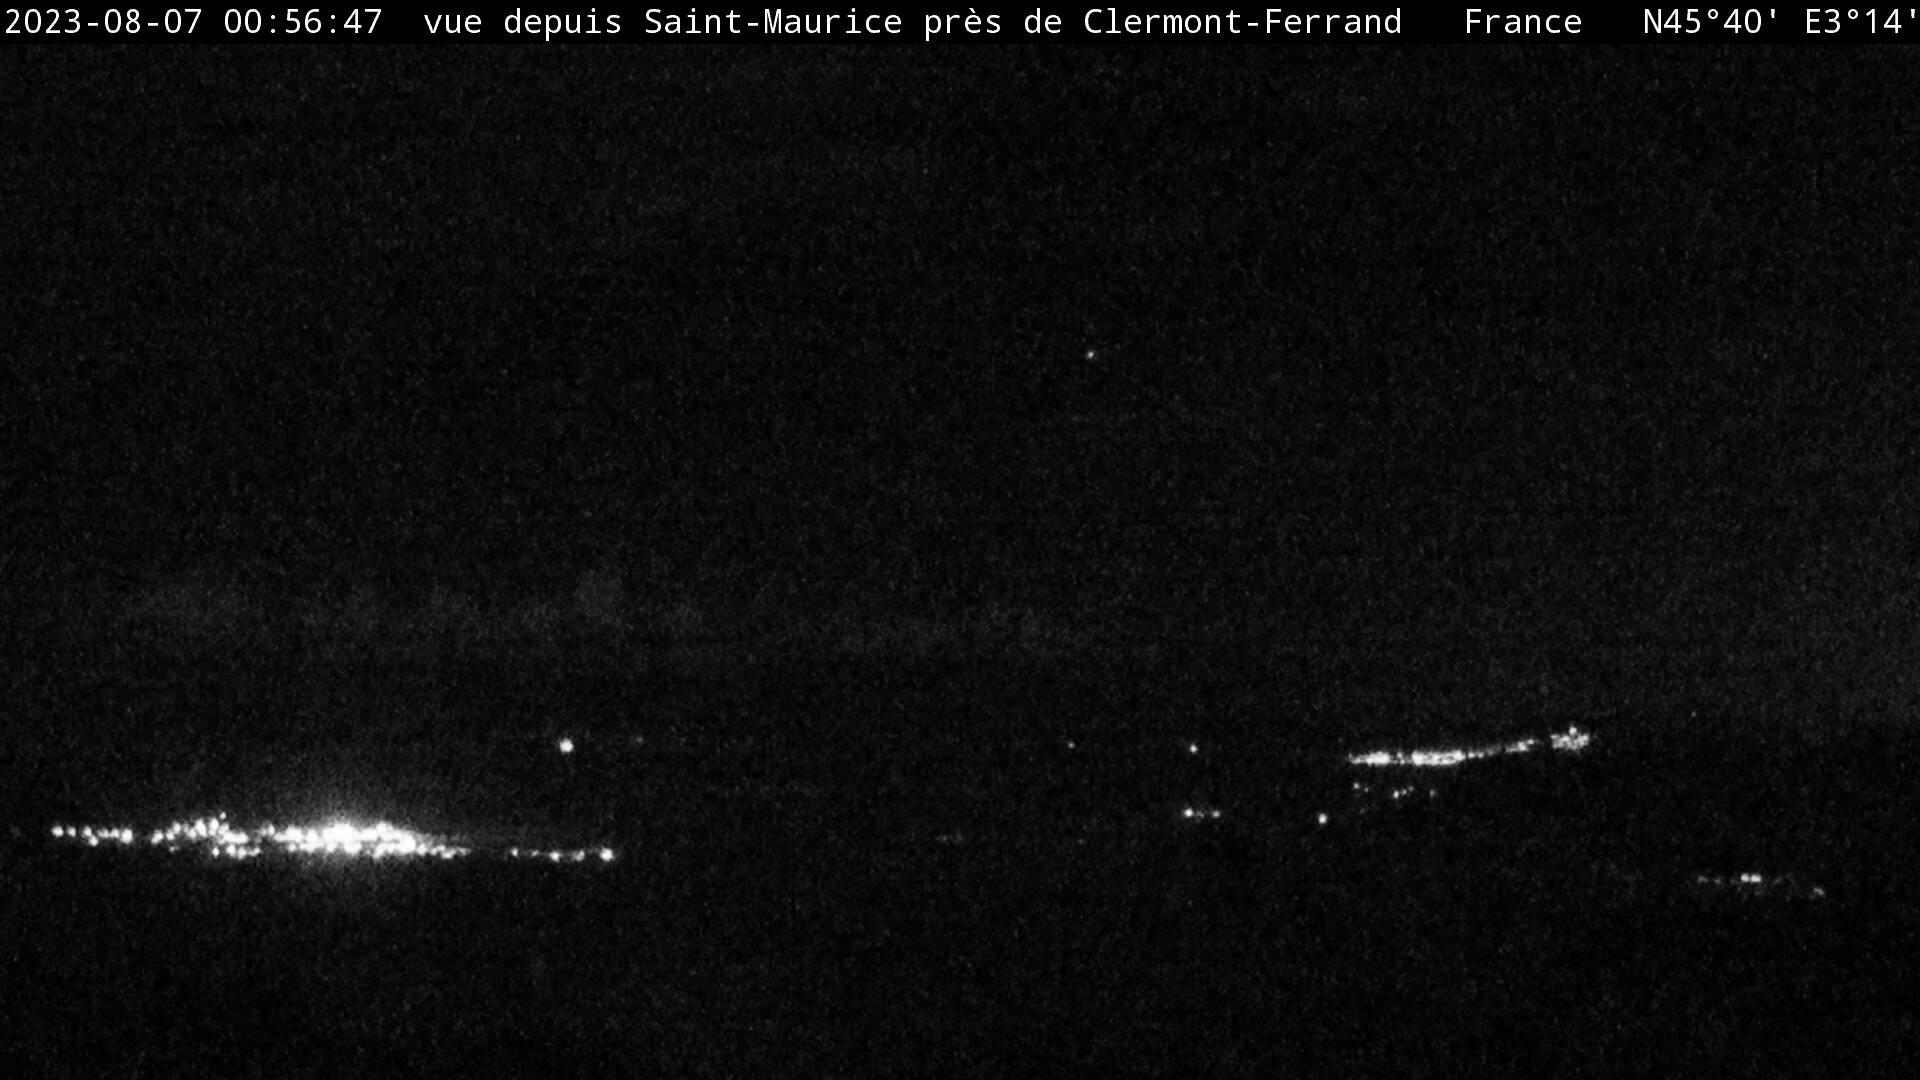 Saint-Maurice Sun. 00:57